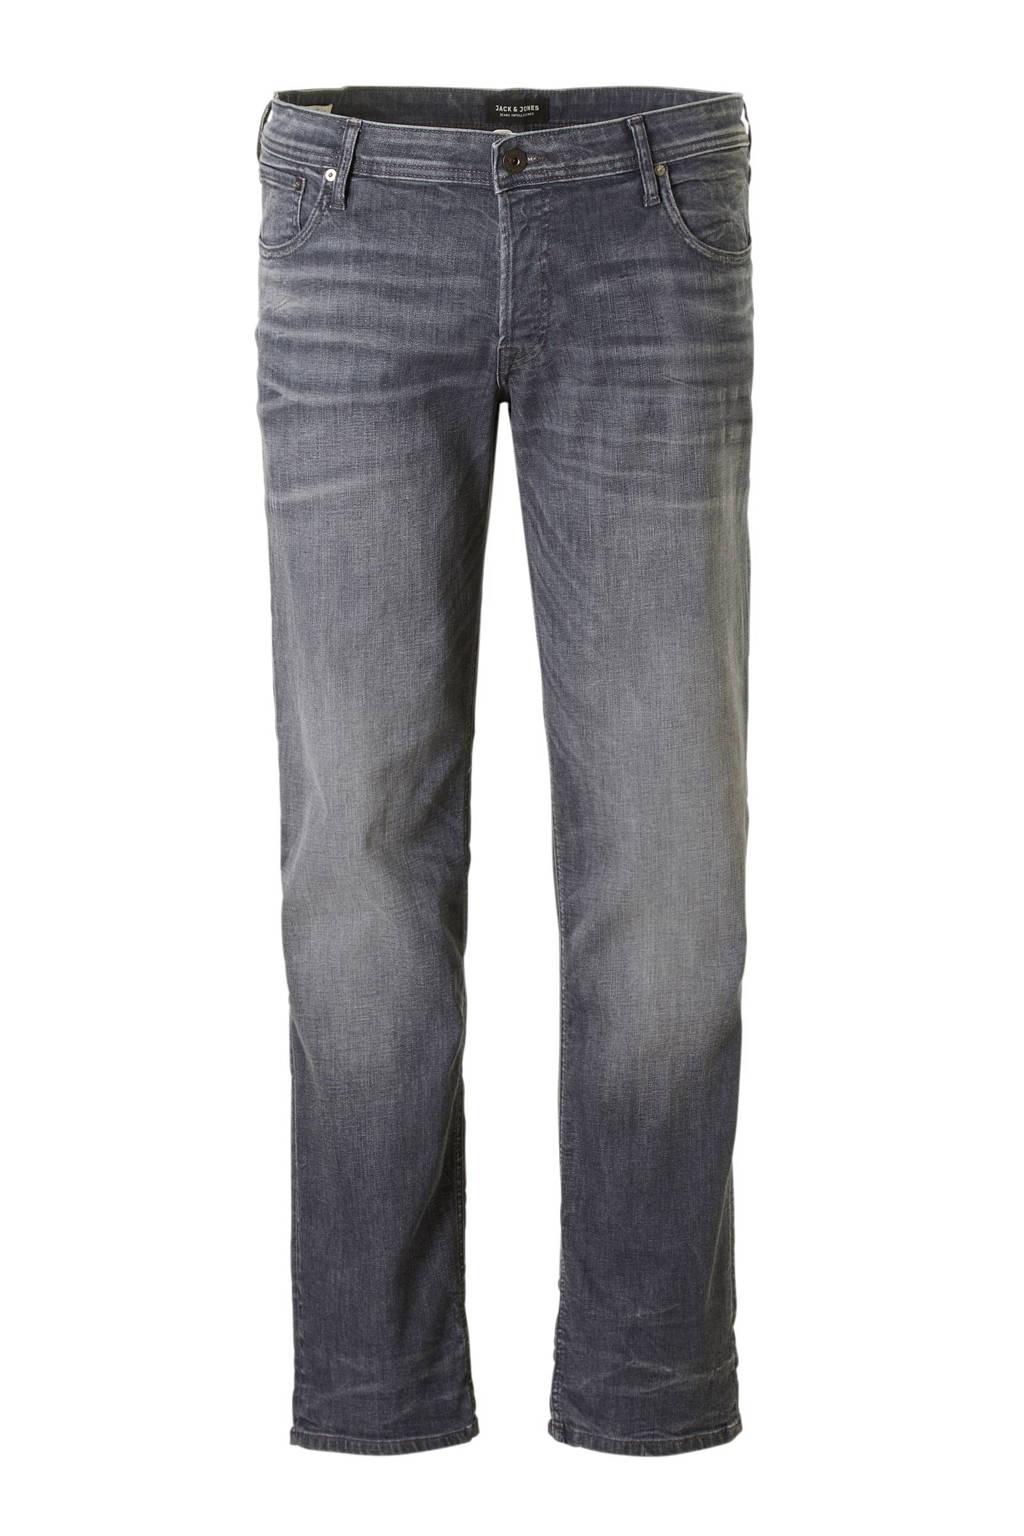 JACK & JONES PLUS SIZE slim fit jeans, Grijs